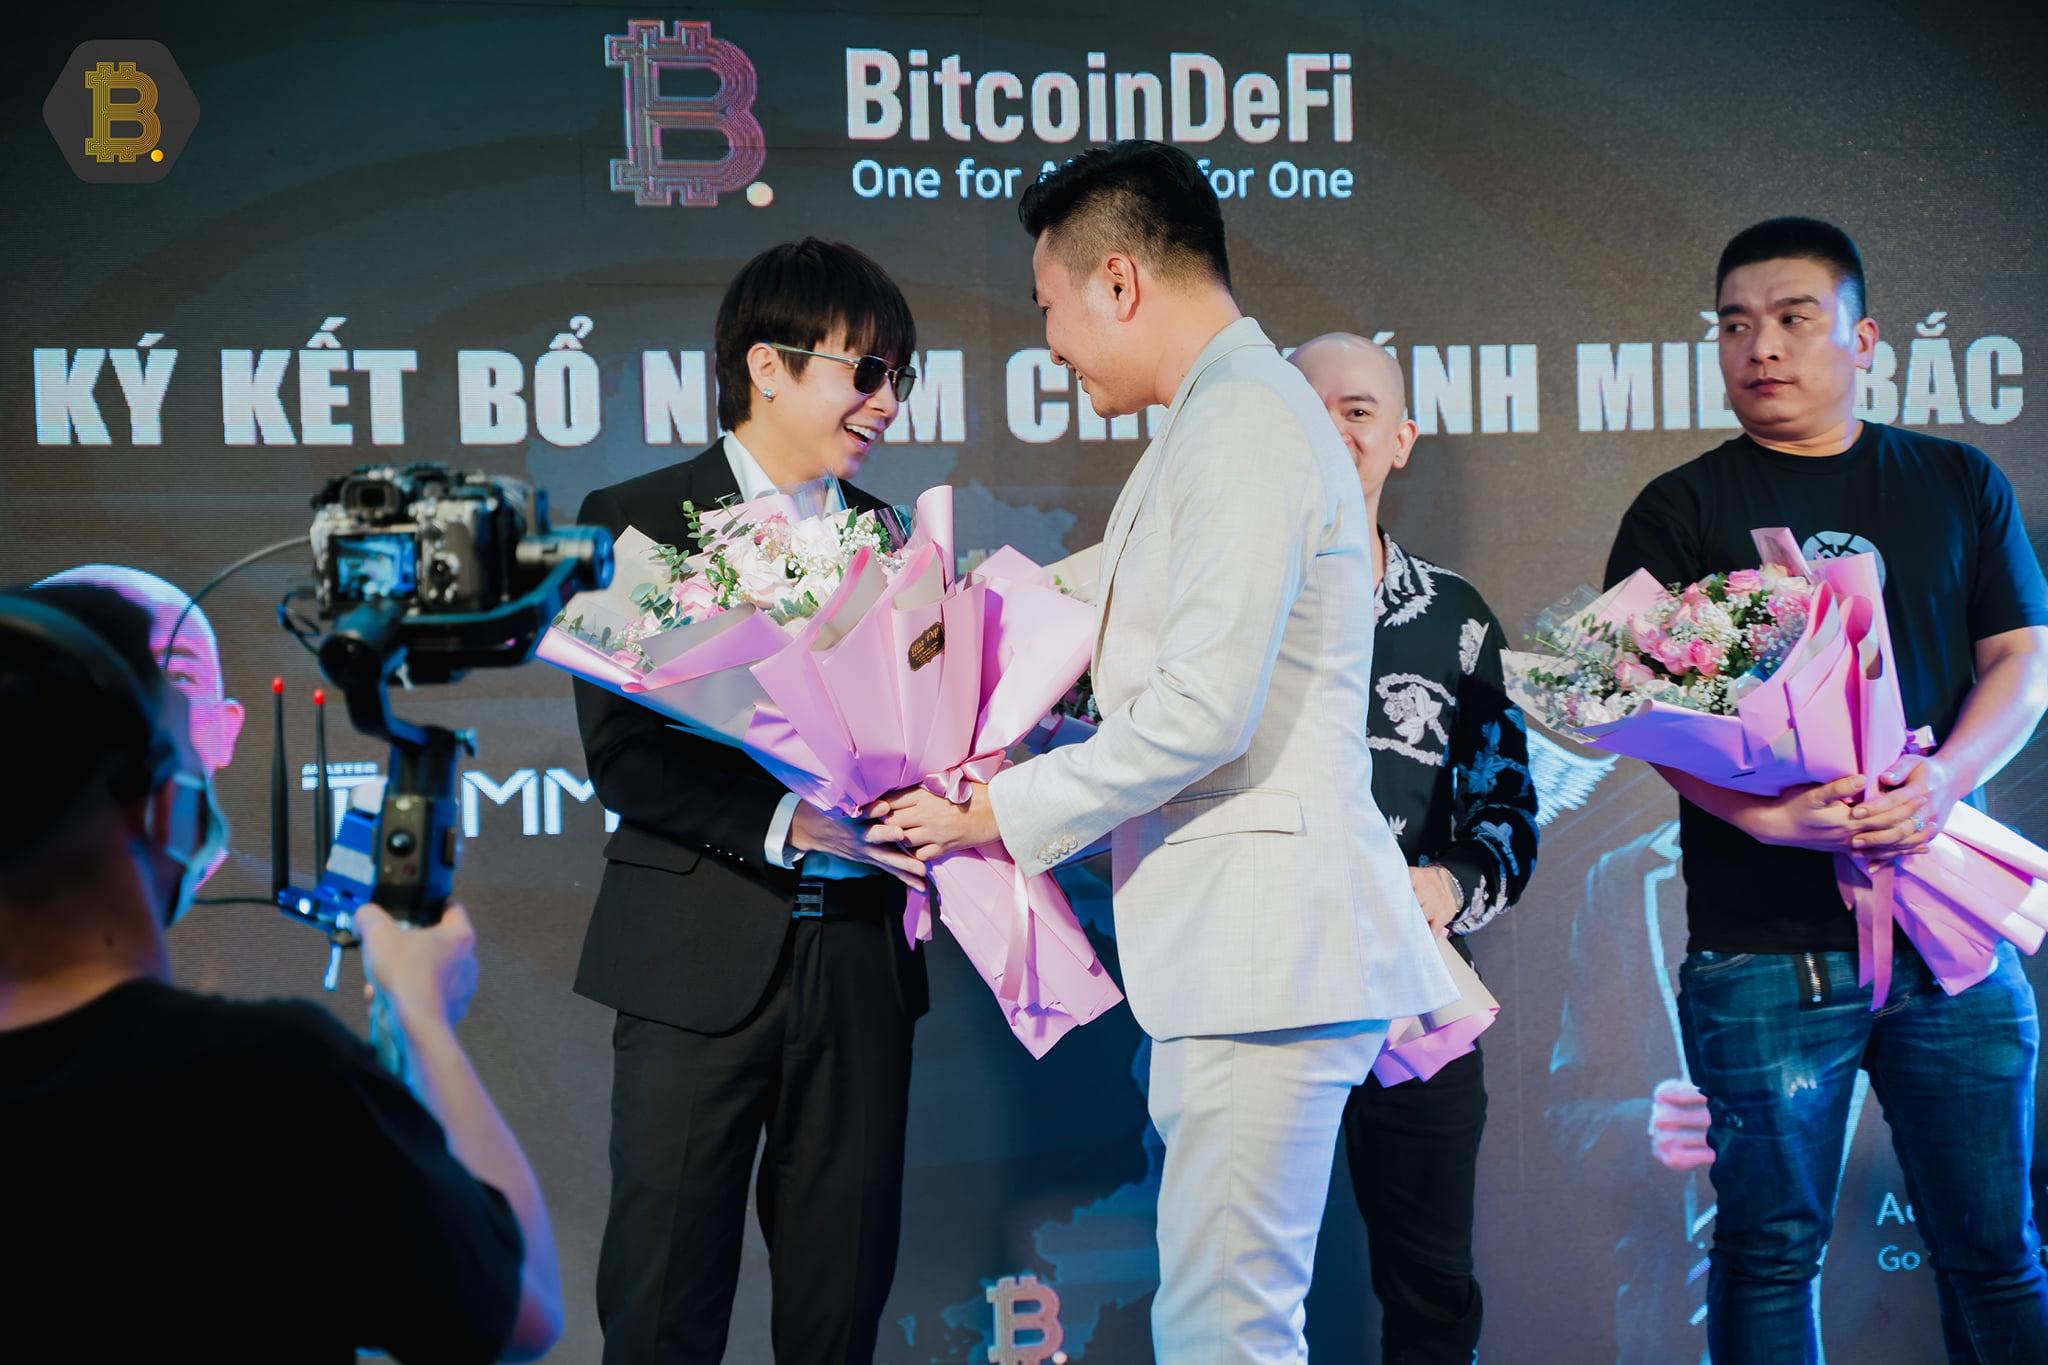 Thủ lĩnh đa cấp BitcoinDeFi biến mất - ảnh 1